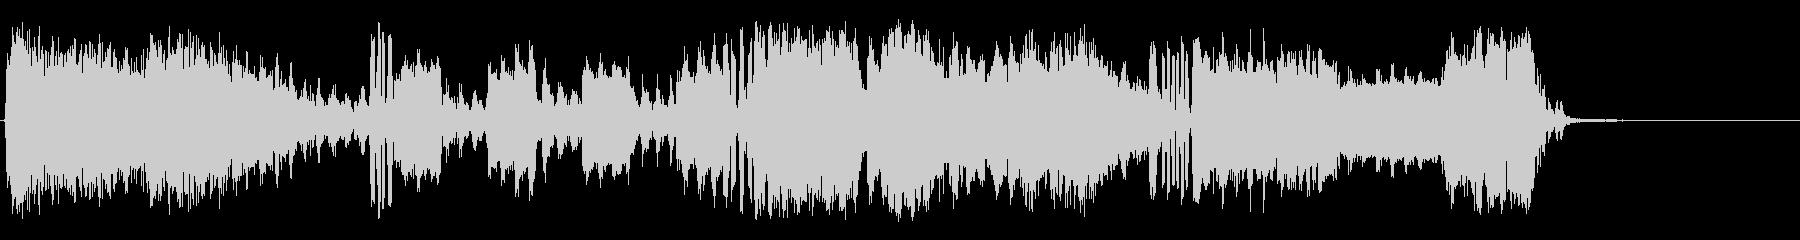 信号操作の未再生の波形